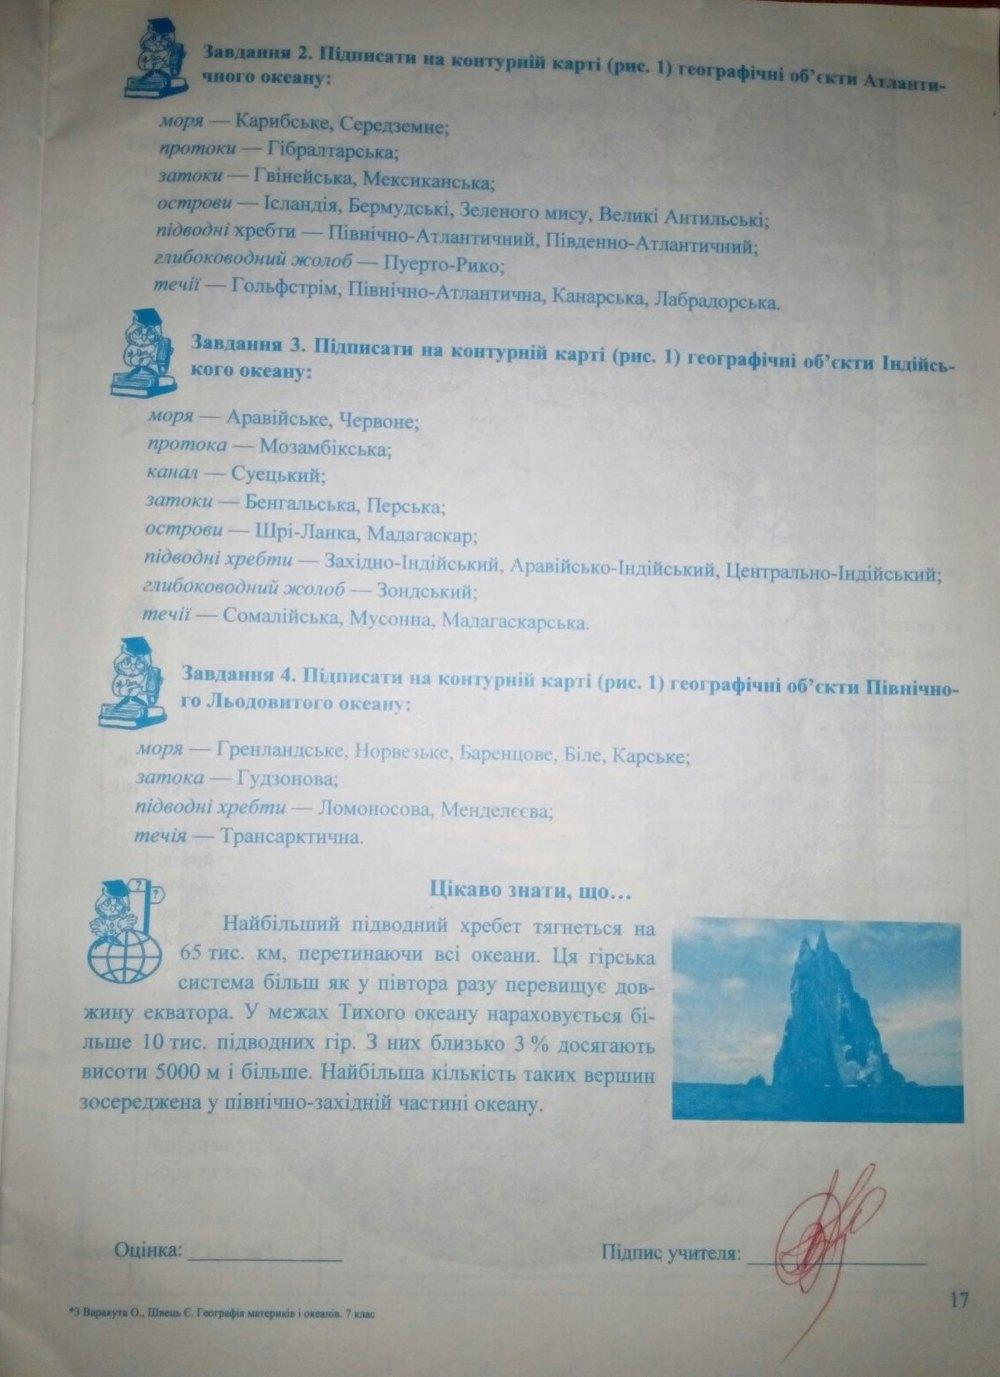 ГДЗ відповіді робочий зошит по географии 7 класс Варакута О., Швець Є.. Задание: стр. 17